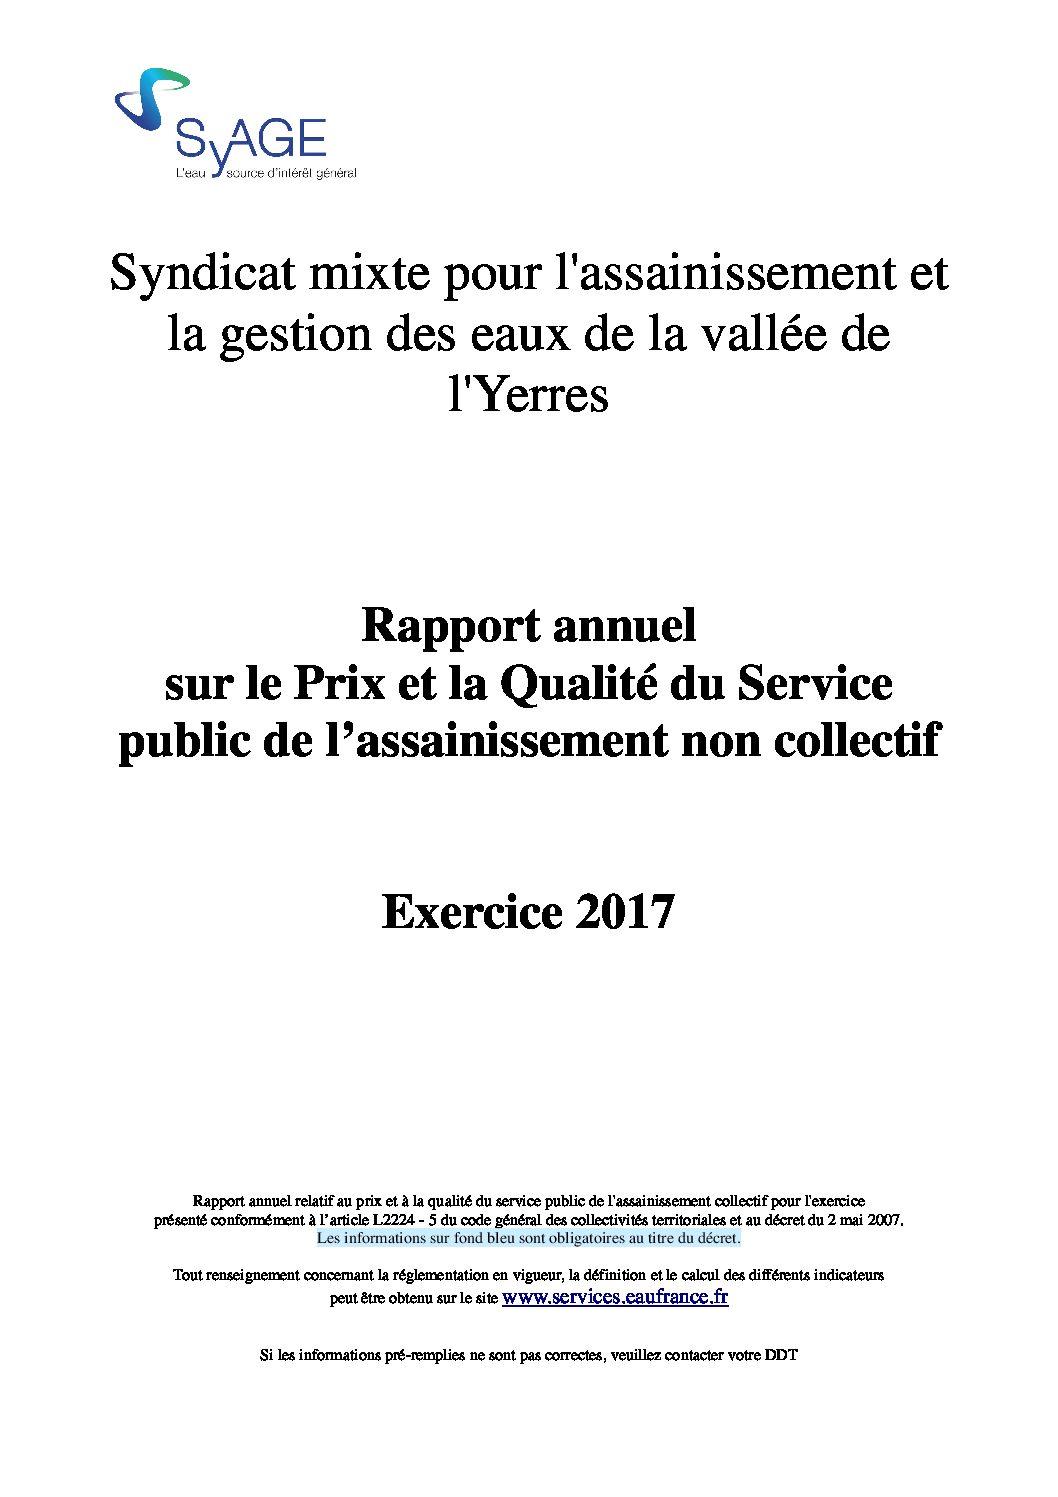 Prix et qualité du service public de l'assainissement non collectif en 2017